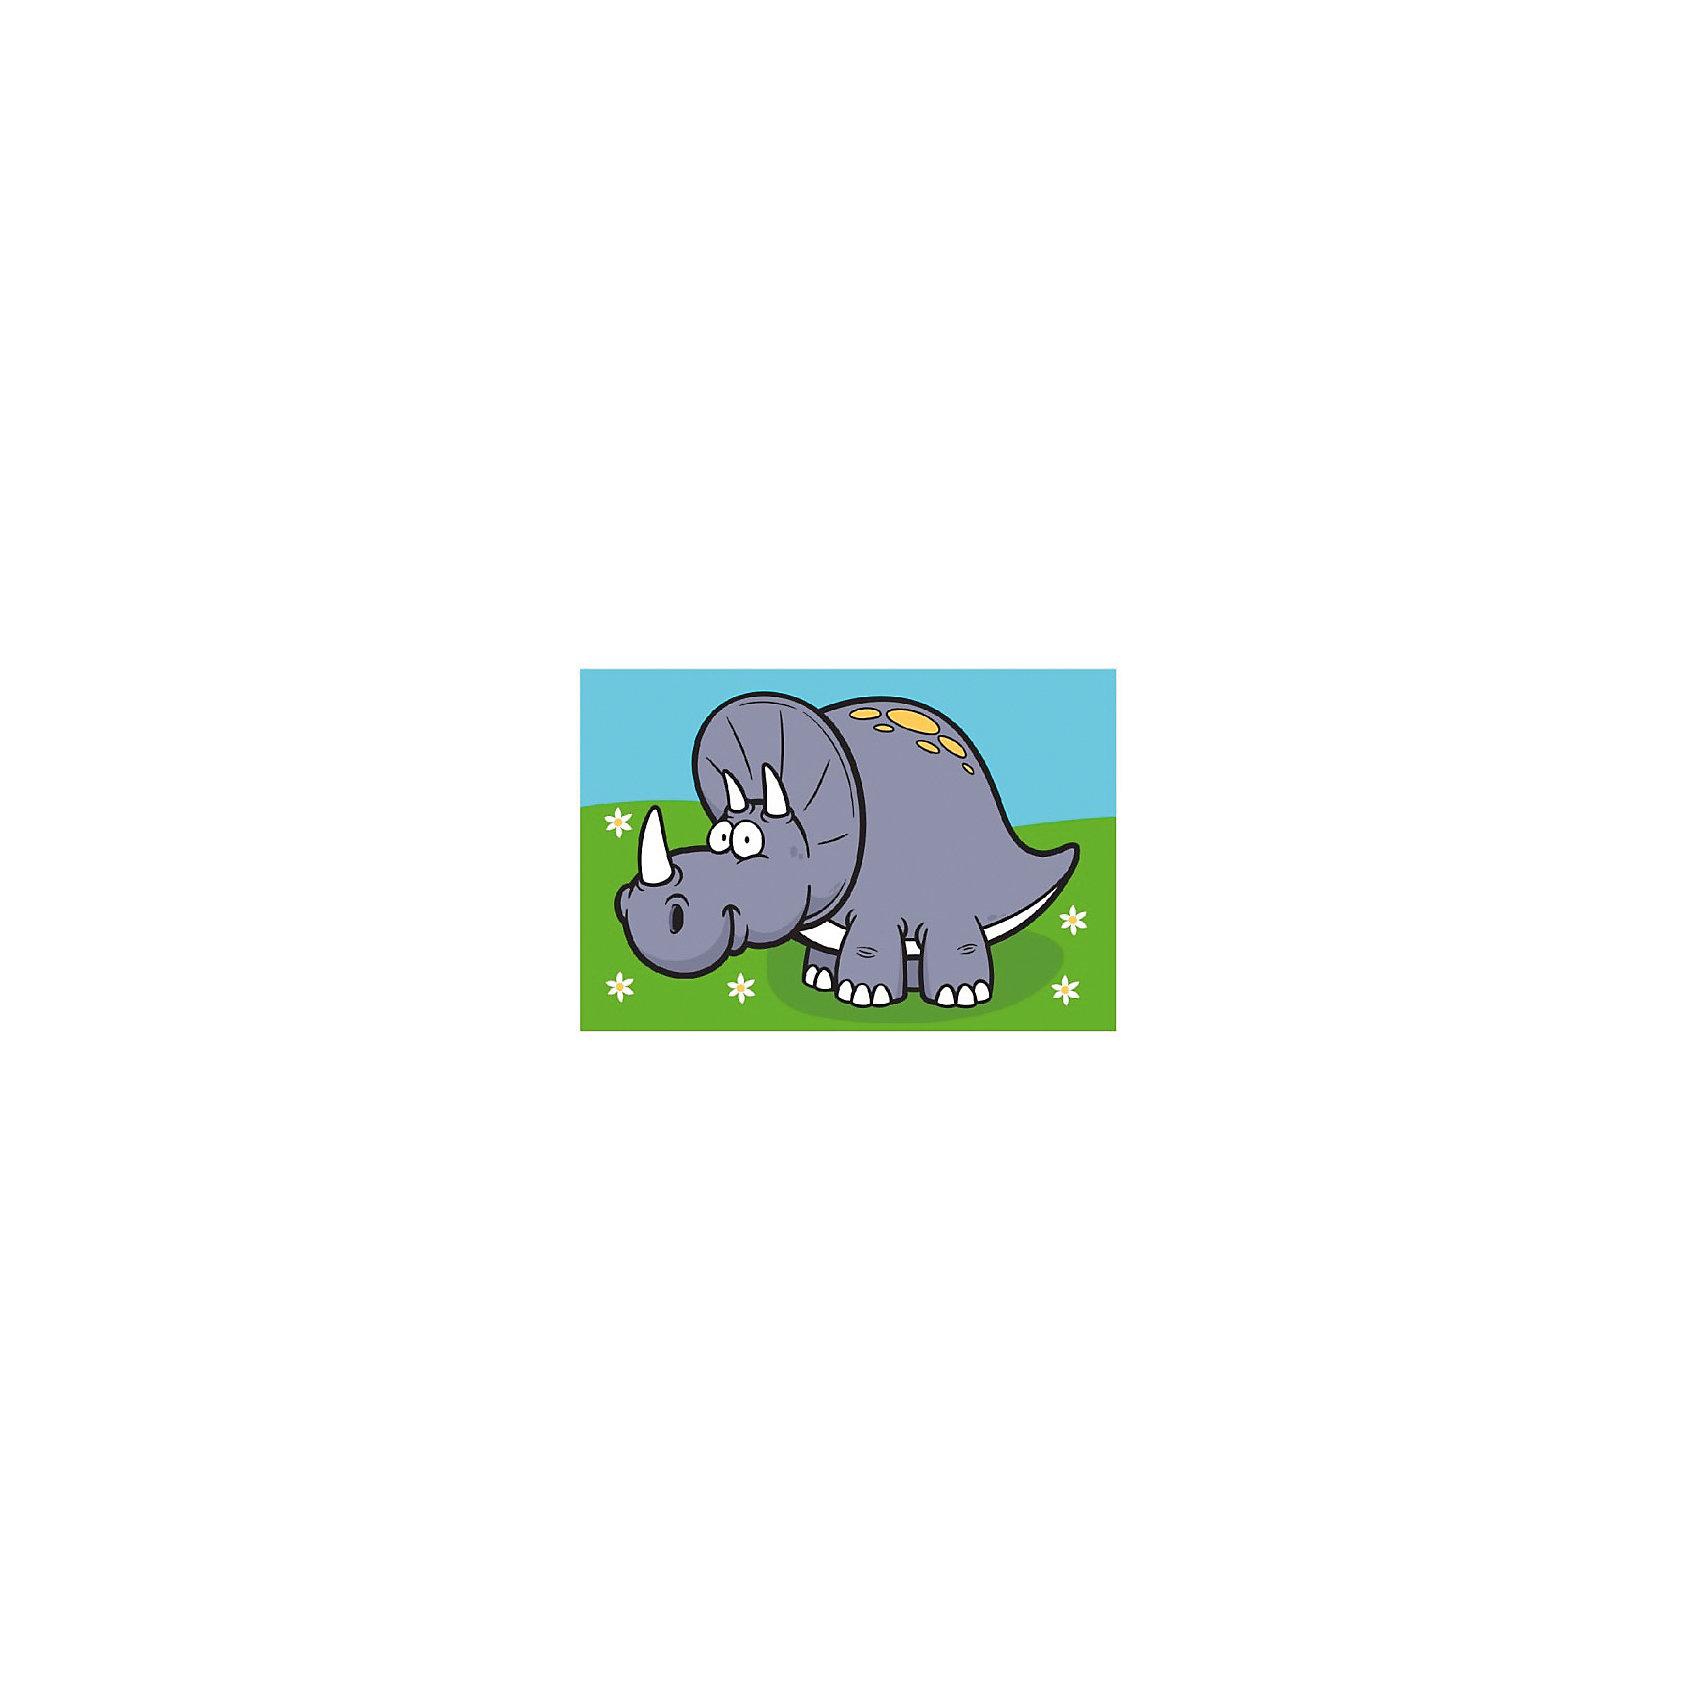 Раскраска по номерам Динозавр ЯрикДетские картины с раскраской по номерам размером 20*30. На деревянном подрамнике, с прогрунтованным холстом и  нанесенными контурами картины, с указанием цвета закраски, акриловыми красками, 3 кисточками и креплением на стену. Уровень сложности, количество красок указаны на коробке.<br><br>Ширина мм: 300<br>Глубина мм: 200<br>Высота мм: 30<br>Вес г: 330<br>Возраст от месяцев: 60<br>Возраст до месяцев: 108<br>Пол: Унисекс<br>Возраст: Детский<br>SKU: 5417625